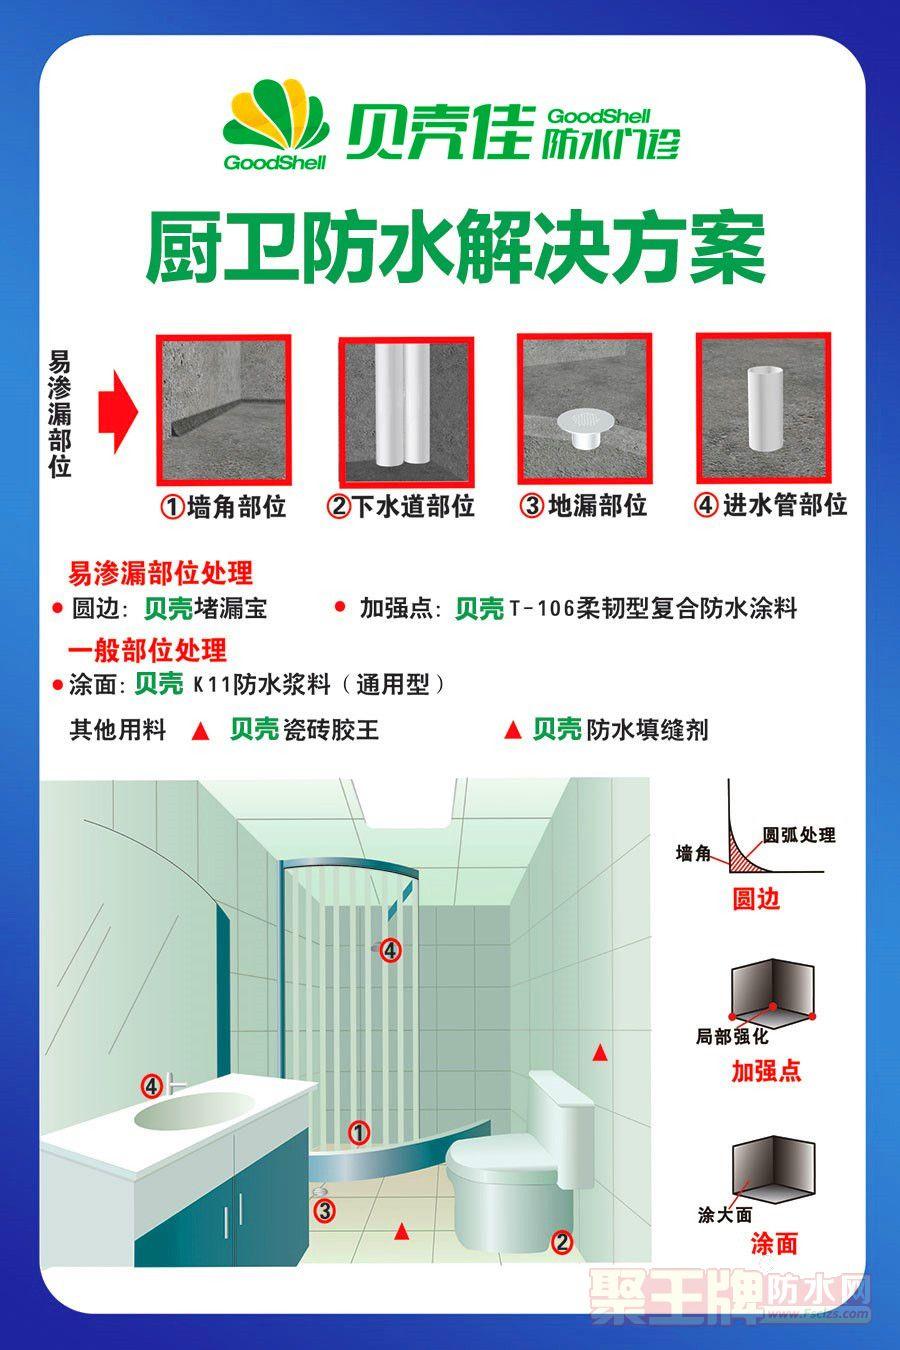 图片介绍厨卫防水解决方案